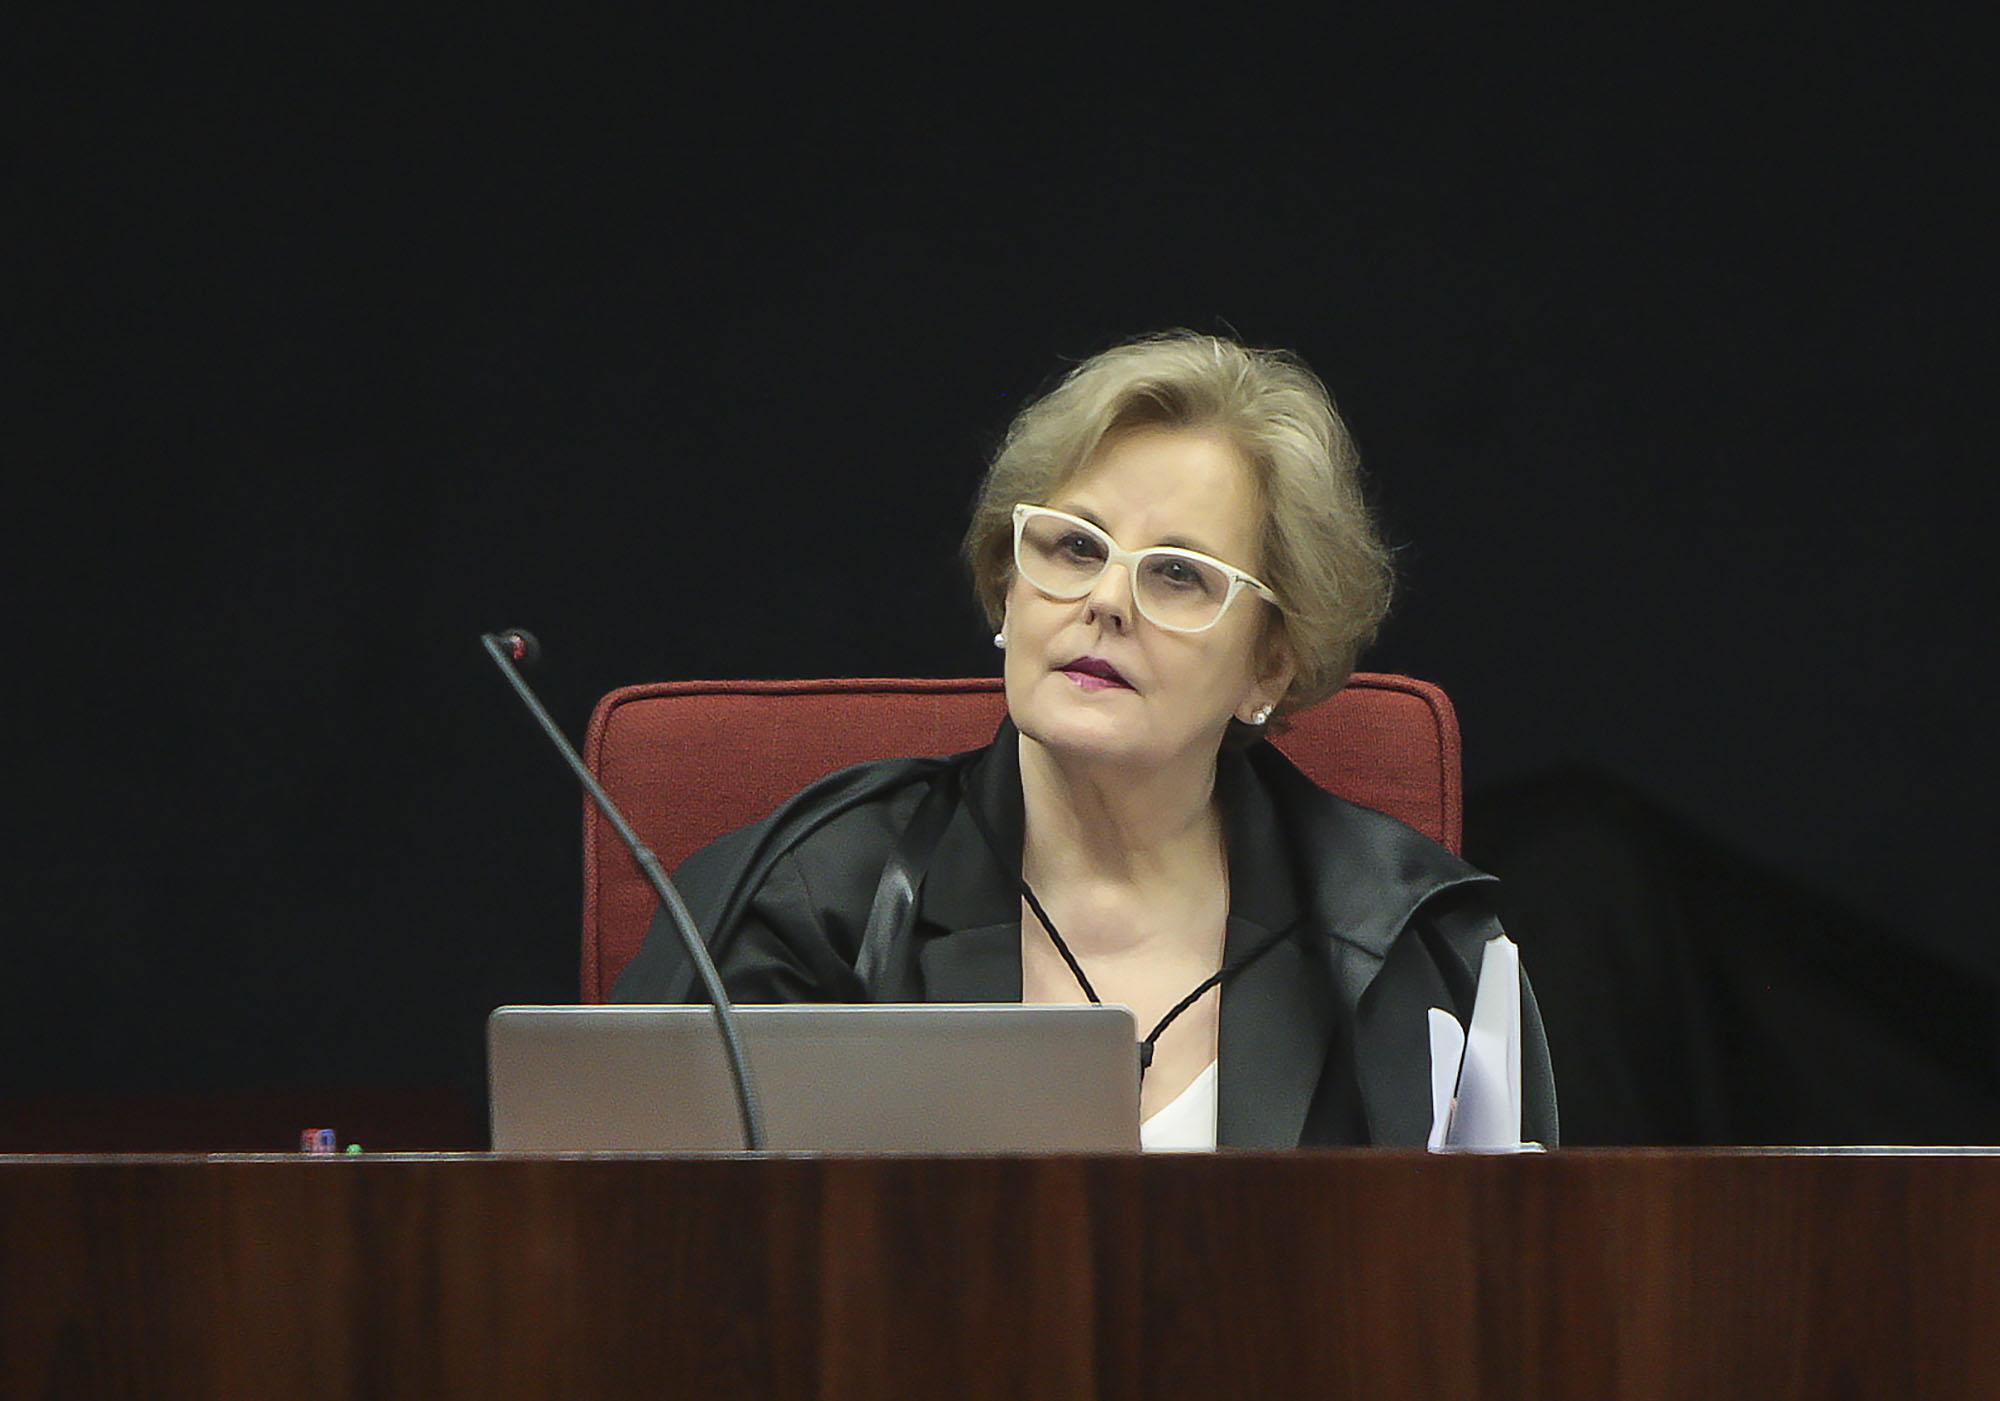 Ministra do STF Rosa Weber é relatora da ADPF 442. | Foto: Dorivan Marinho/SCO/STF